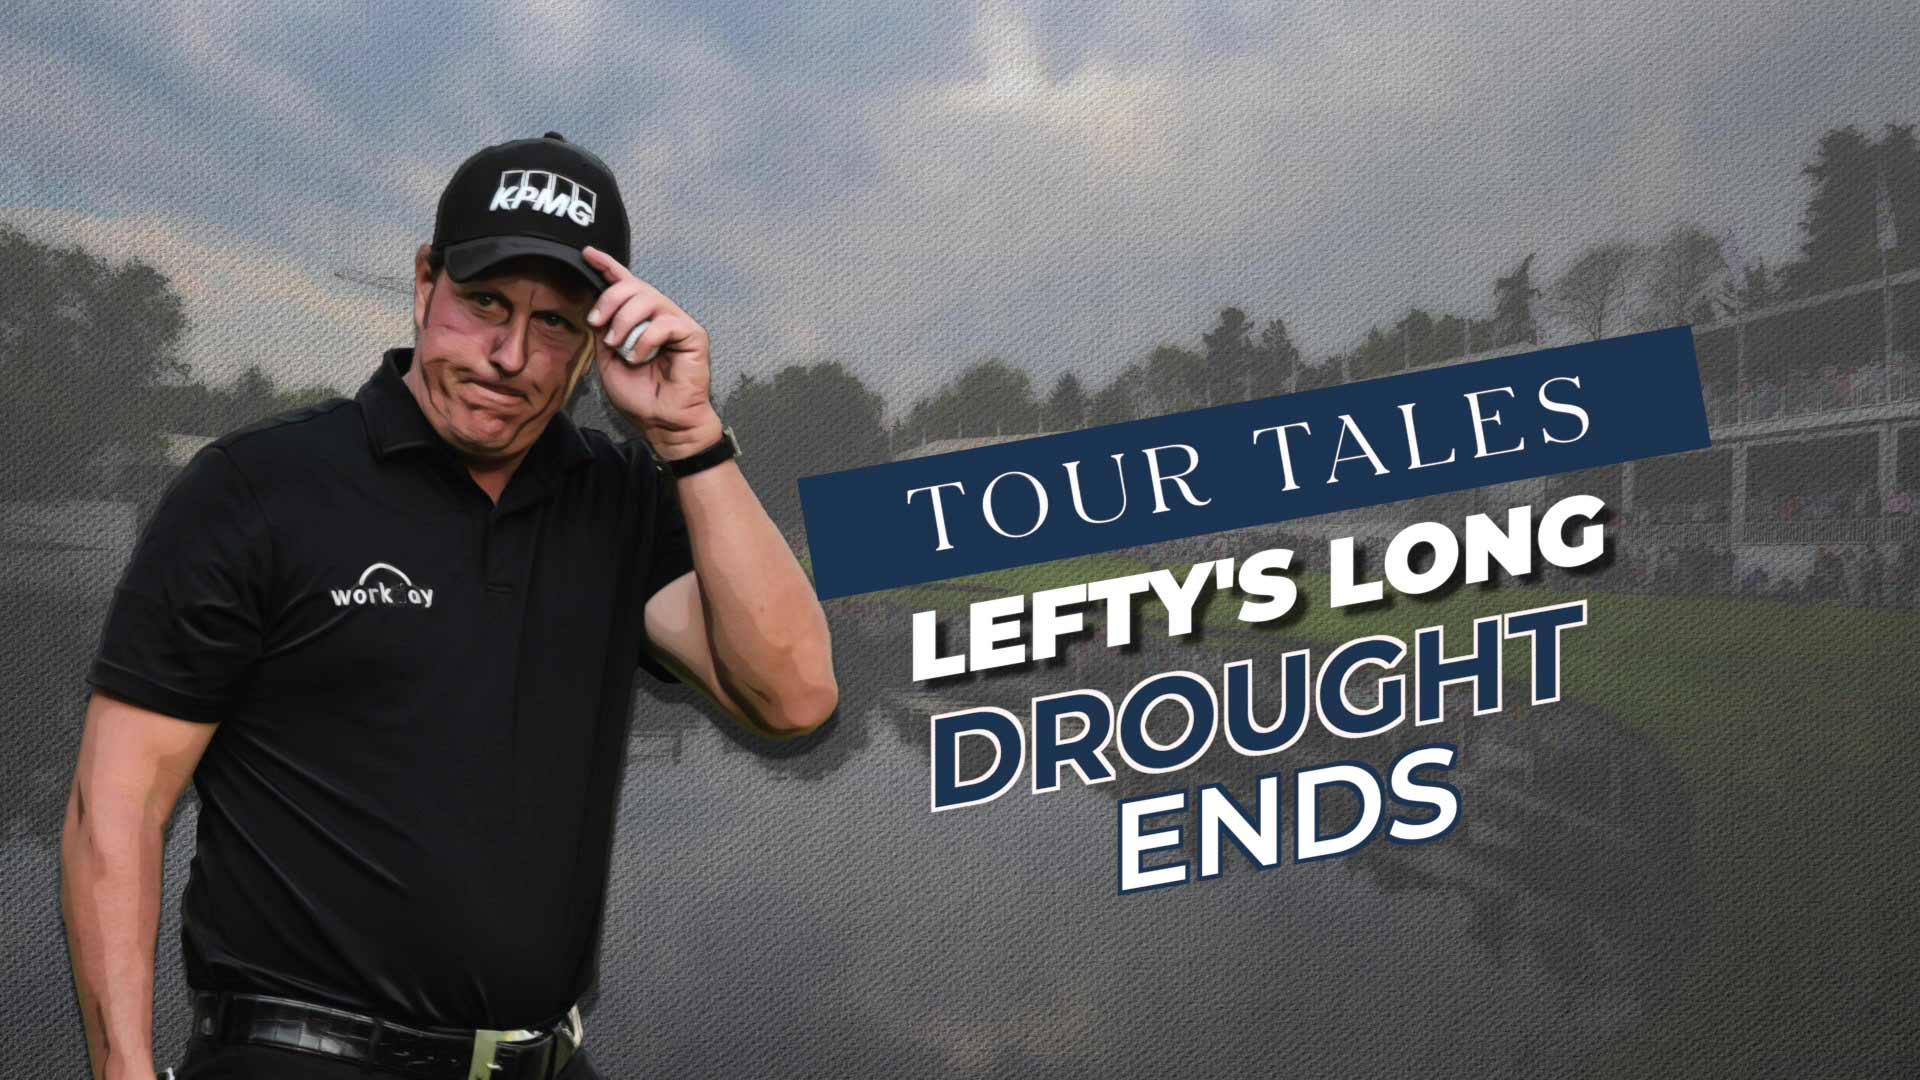 Tour Tales: Lefty's Long Drought Ends